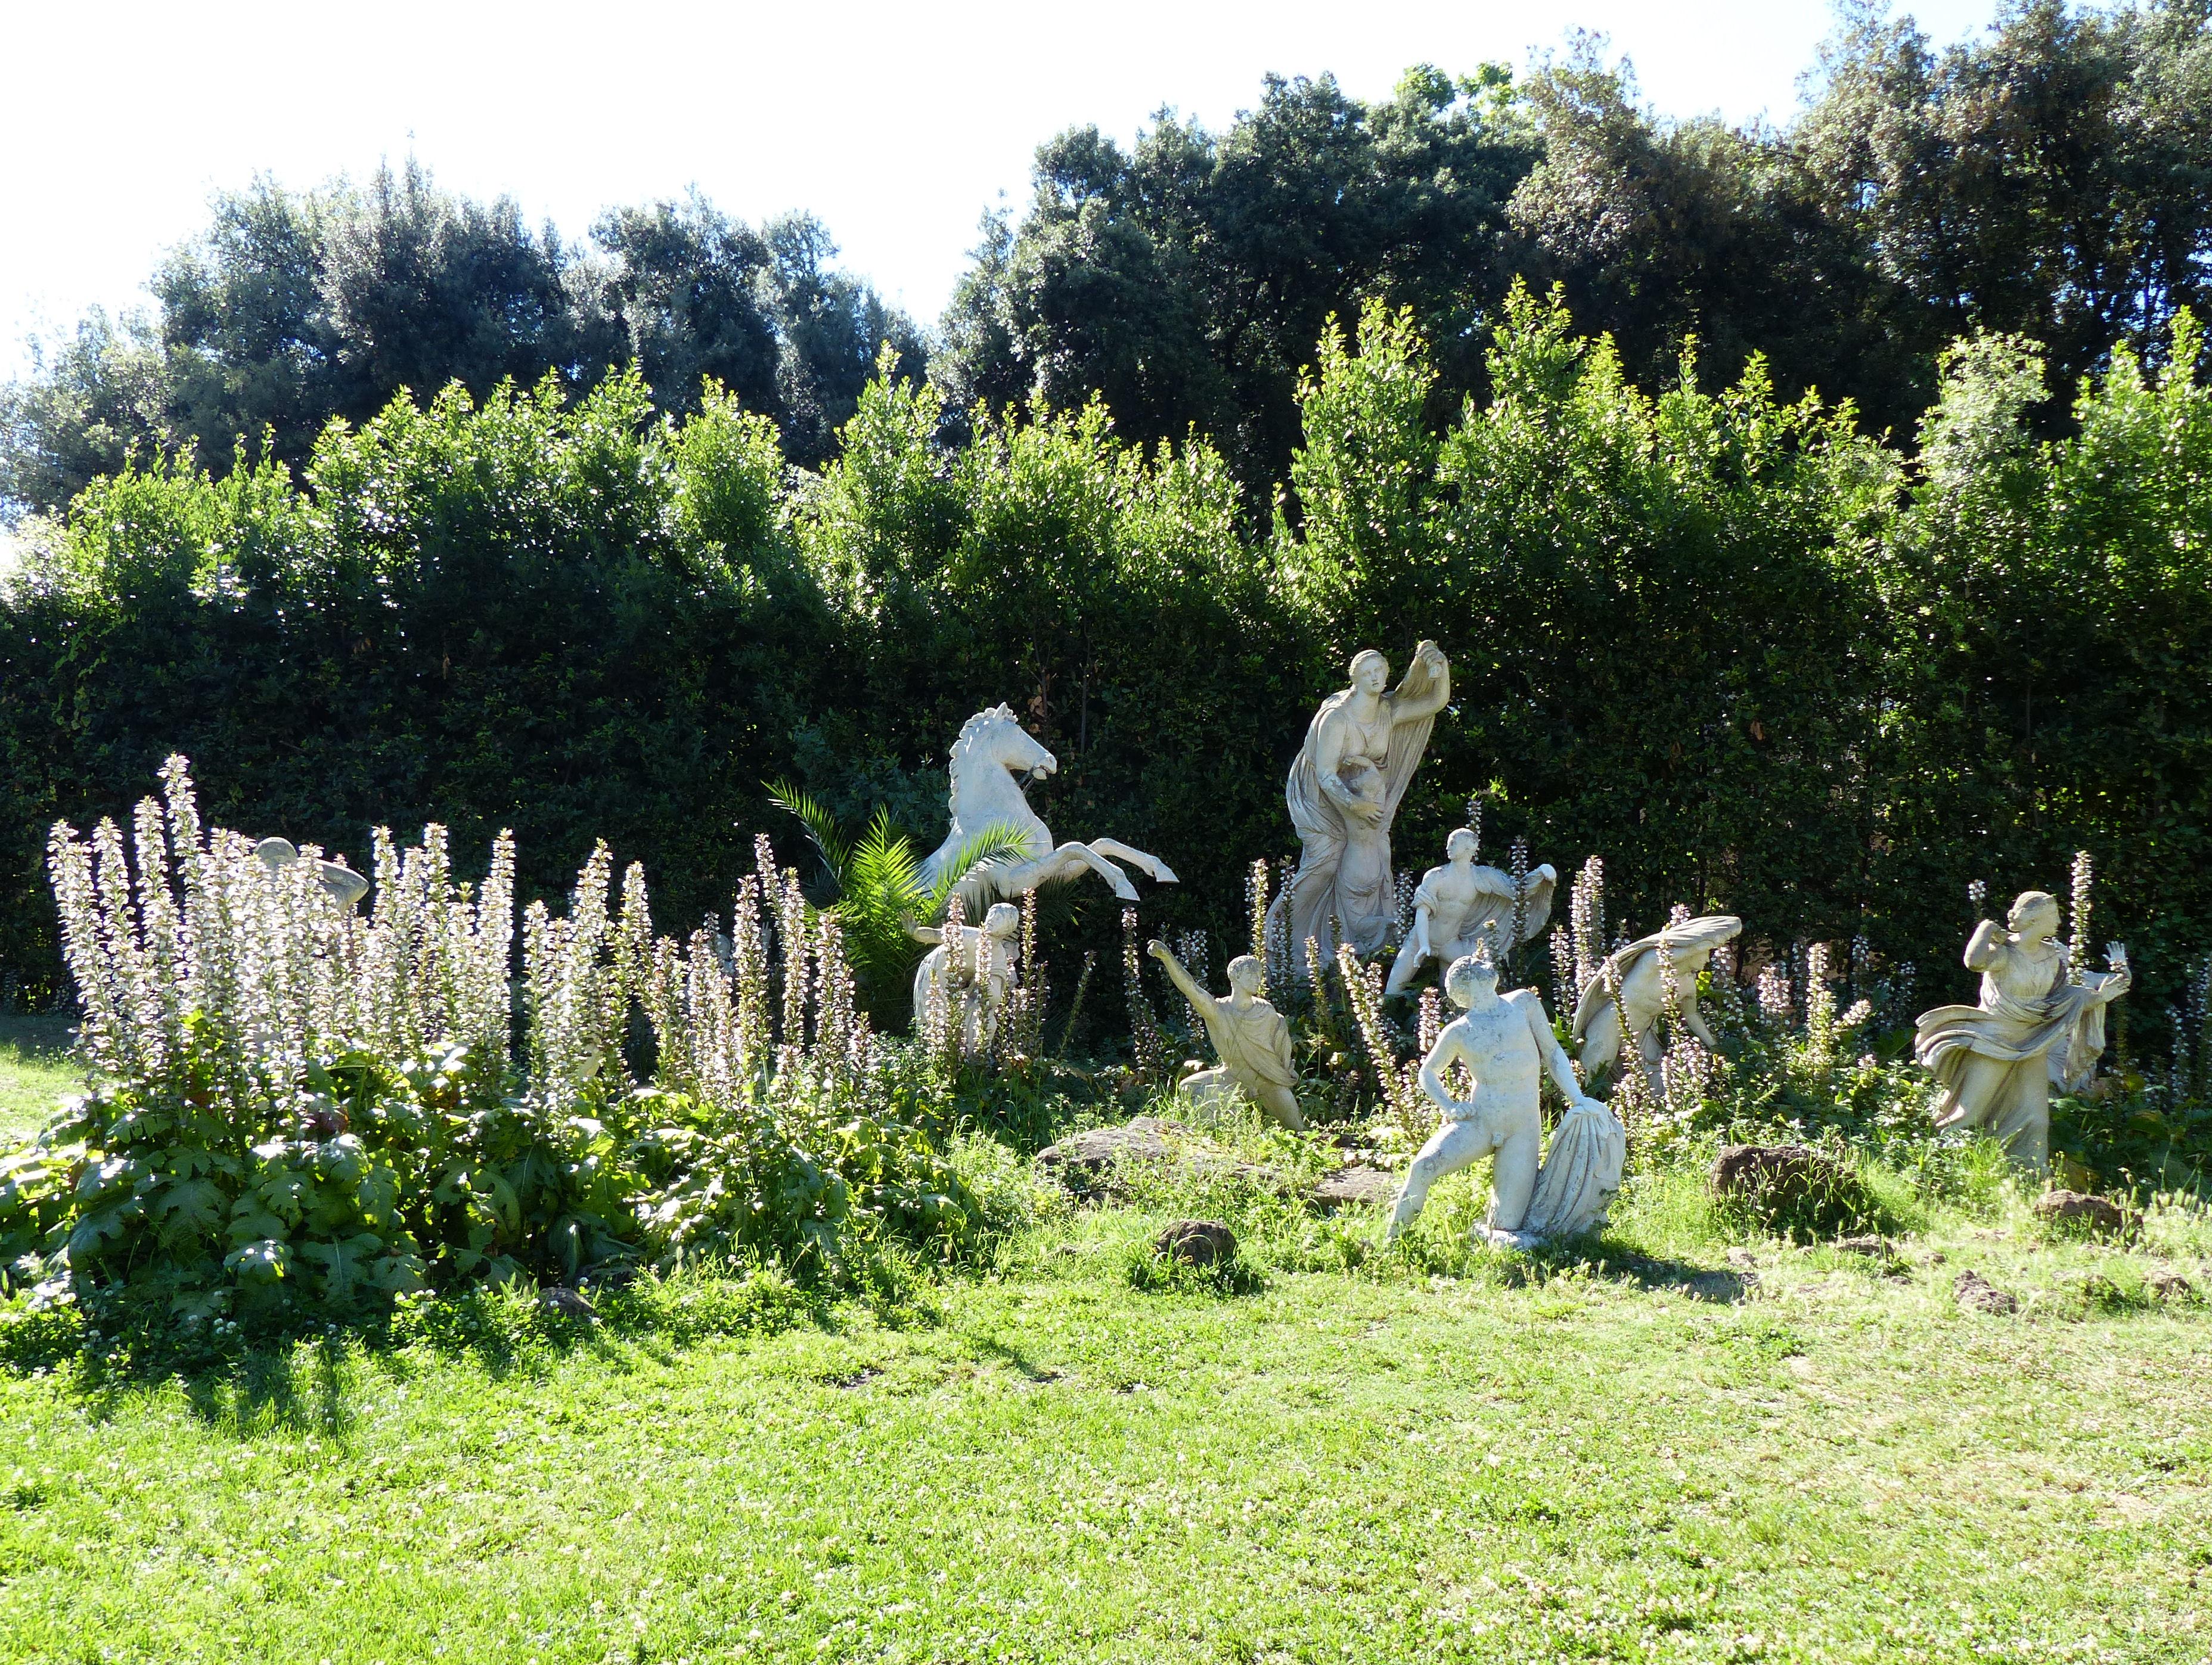 © Dipartimento di Scienze della Vita, Università di Trieste<br>by Andrea Moro<br>Comune di Roma, Villa Medici, Giardino, Roma, Lazio, Italia, 26/06/2015<br>Distributed under CC-BY-SA 4.0 license.